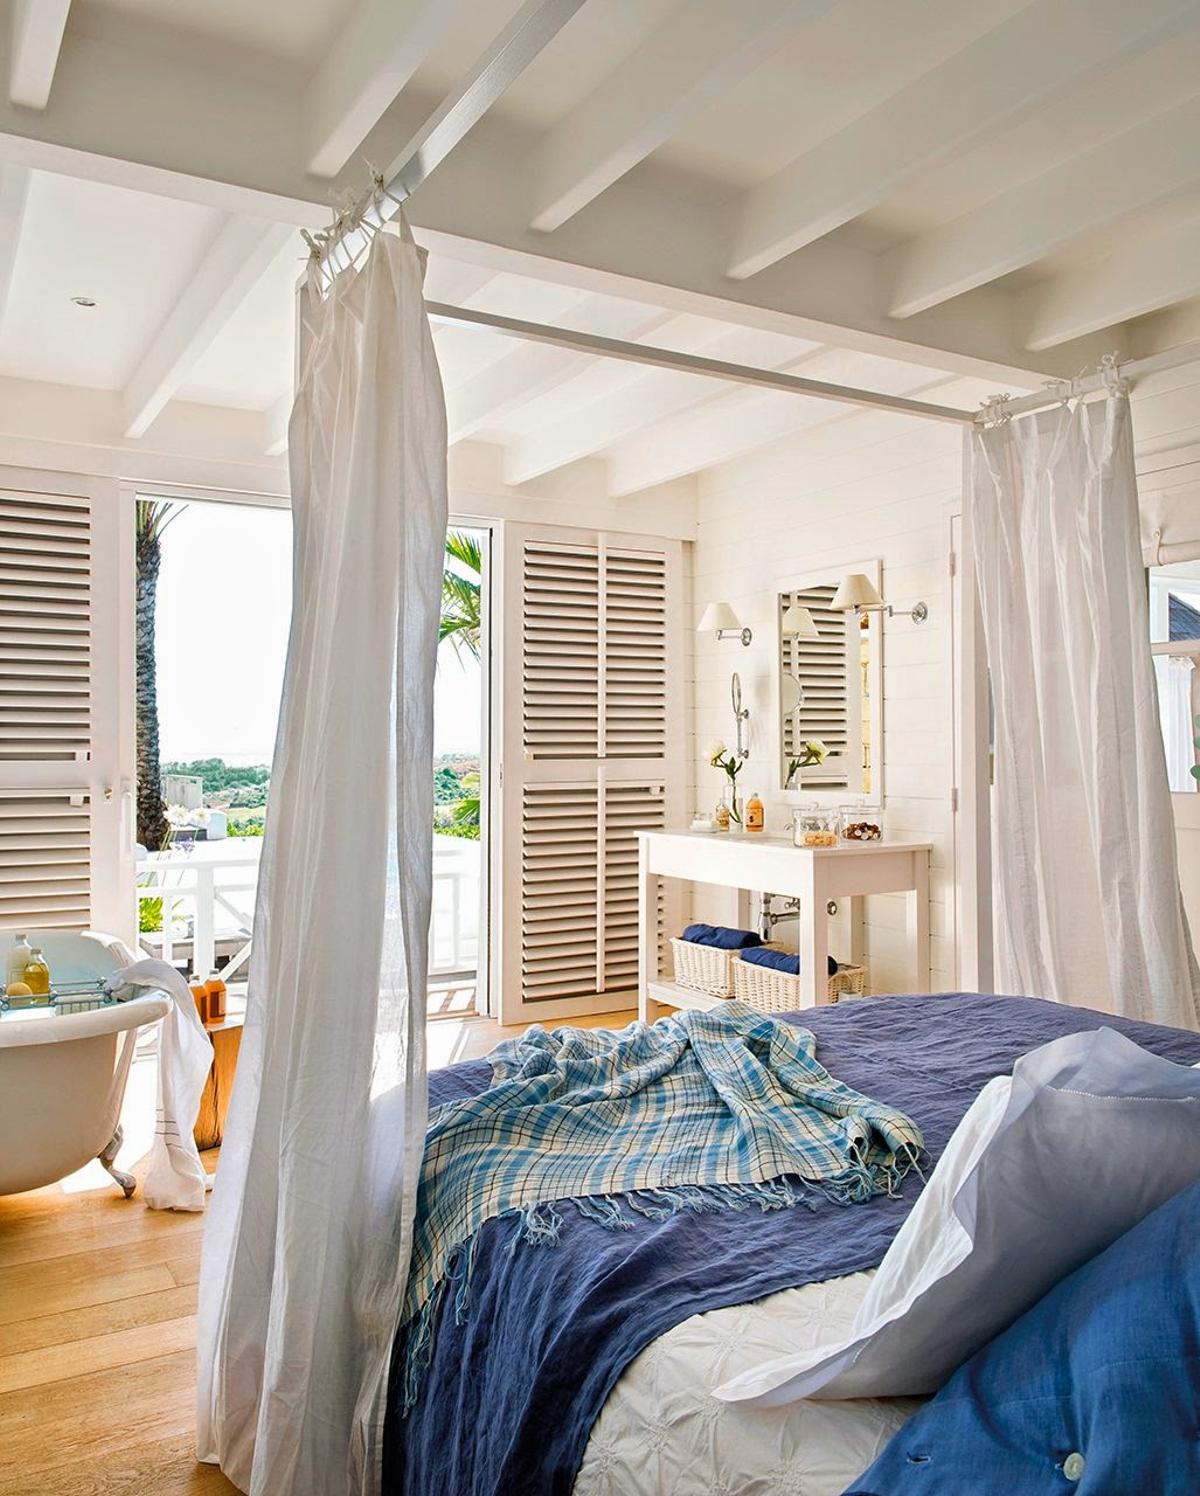 dormitorio para el verano- Rajska willa